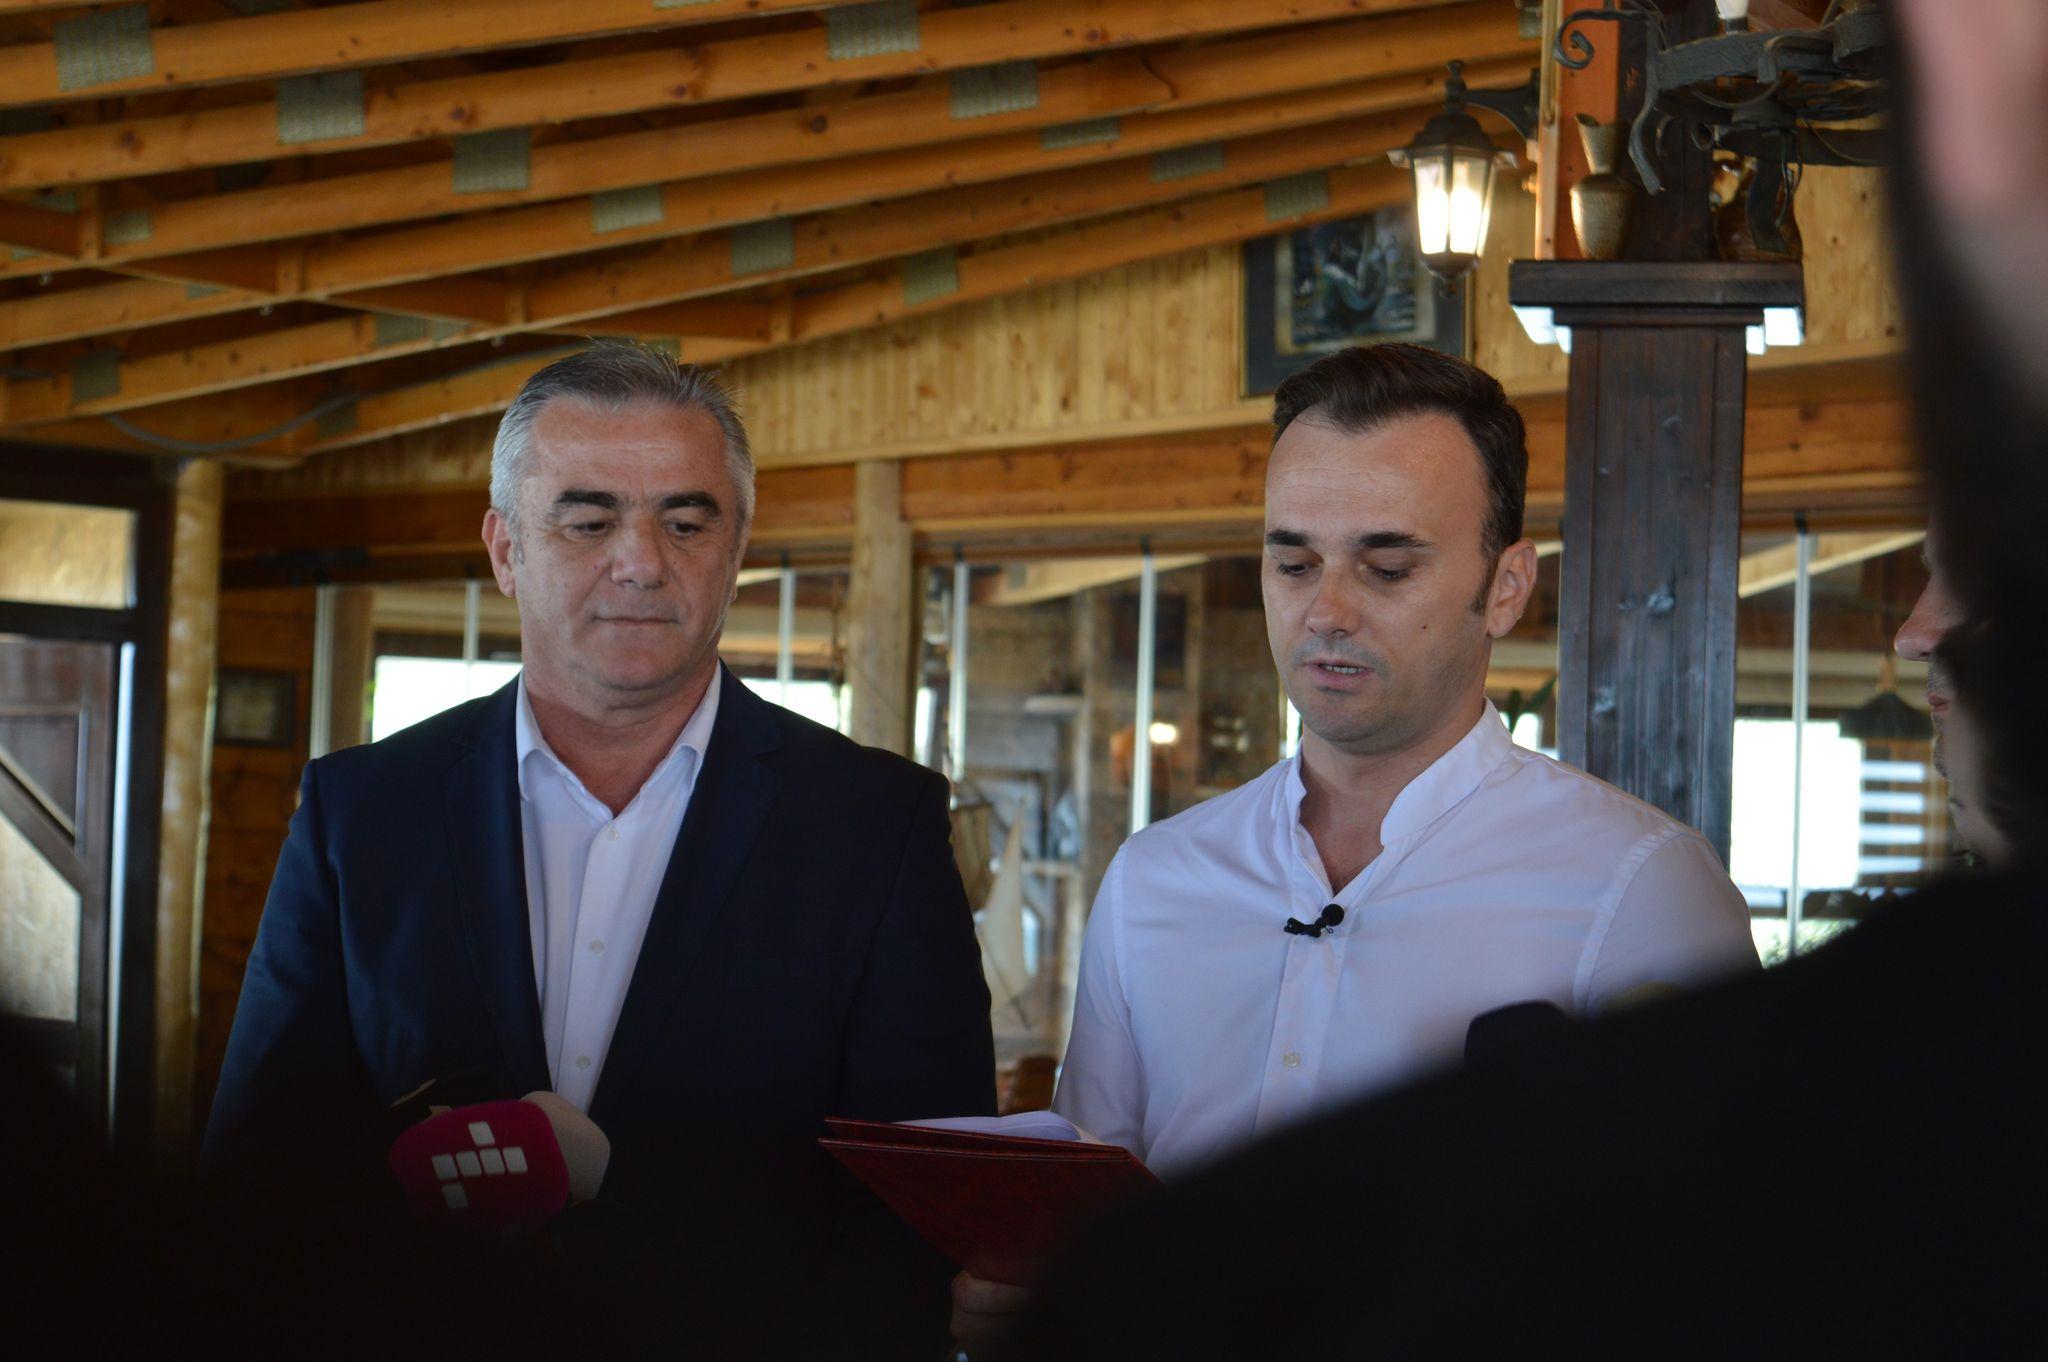 Vizita e mediave të rajonit në Ulqin.